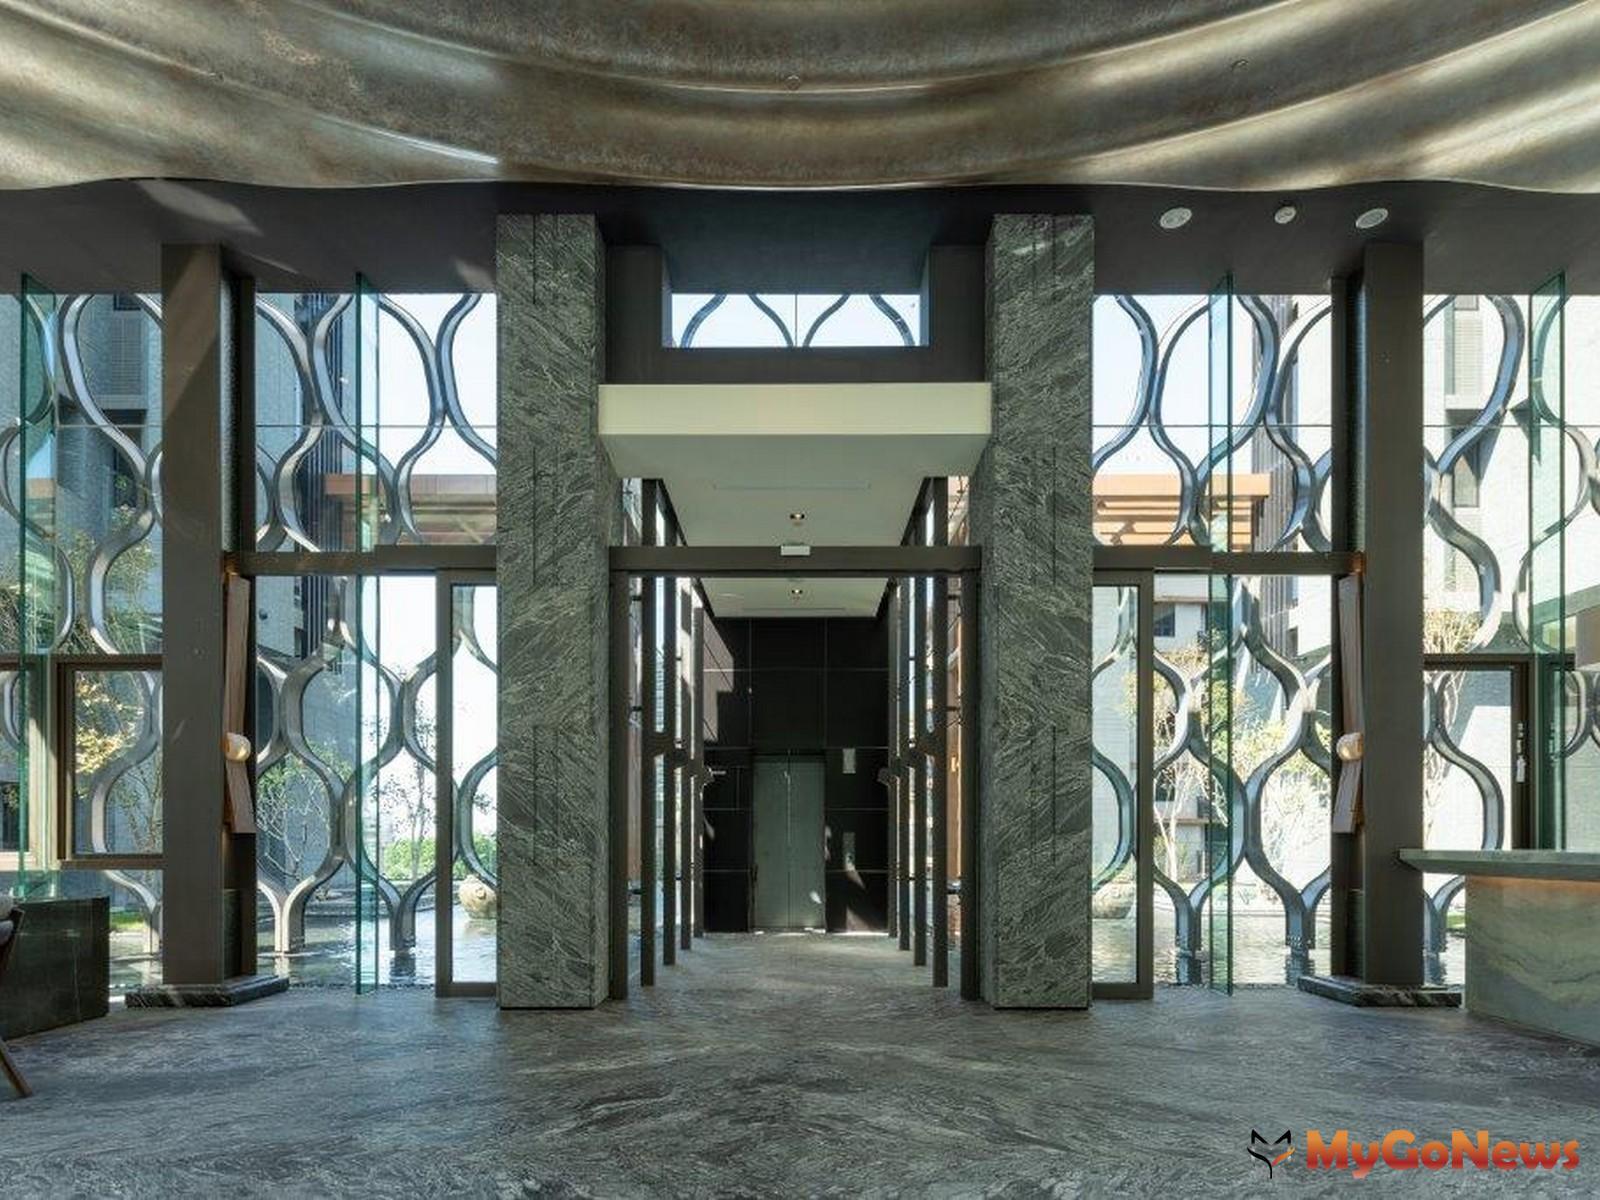 入境確診人數增,中央防疫中心將電梯列為防疫密閉空間之一,鄉林:客製電梯成本多20%,空間大到讓住戶安心(圖:業者提供) MyGoNews房地產新聞 市場快訊